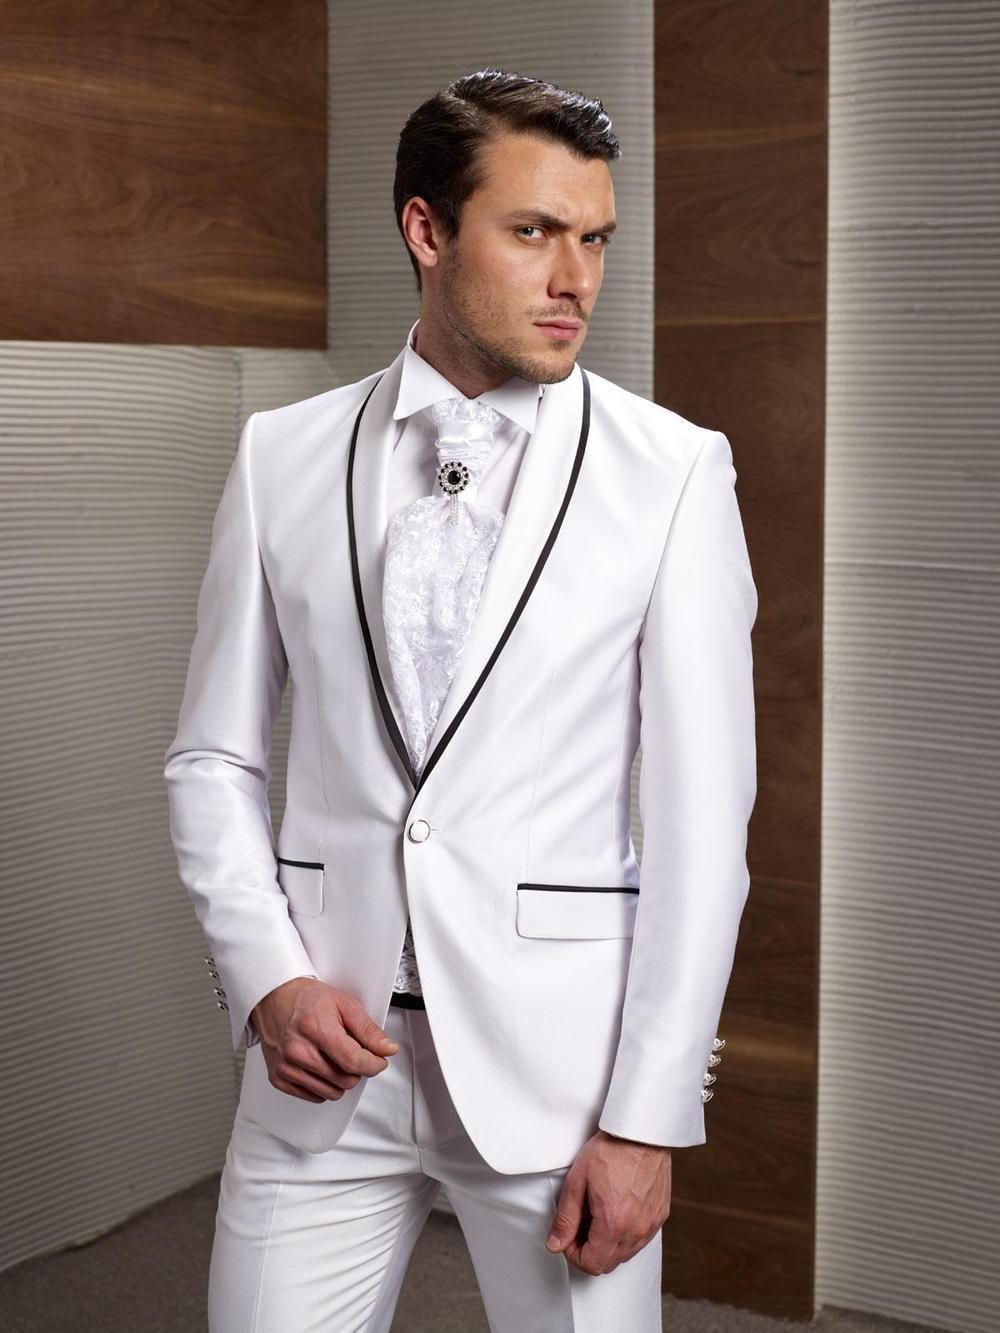 Nova Chegada Do Noivo Smoking Branco Ternos De Casamento Para Homens Preto Xaile Lapela